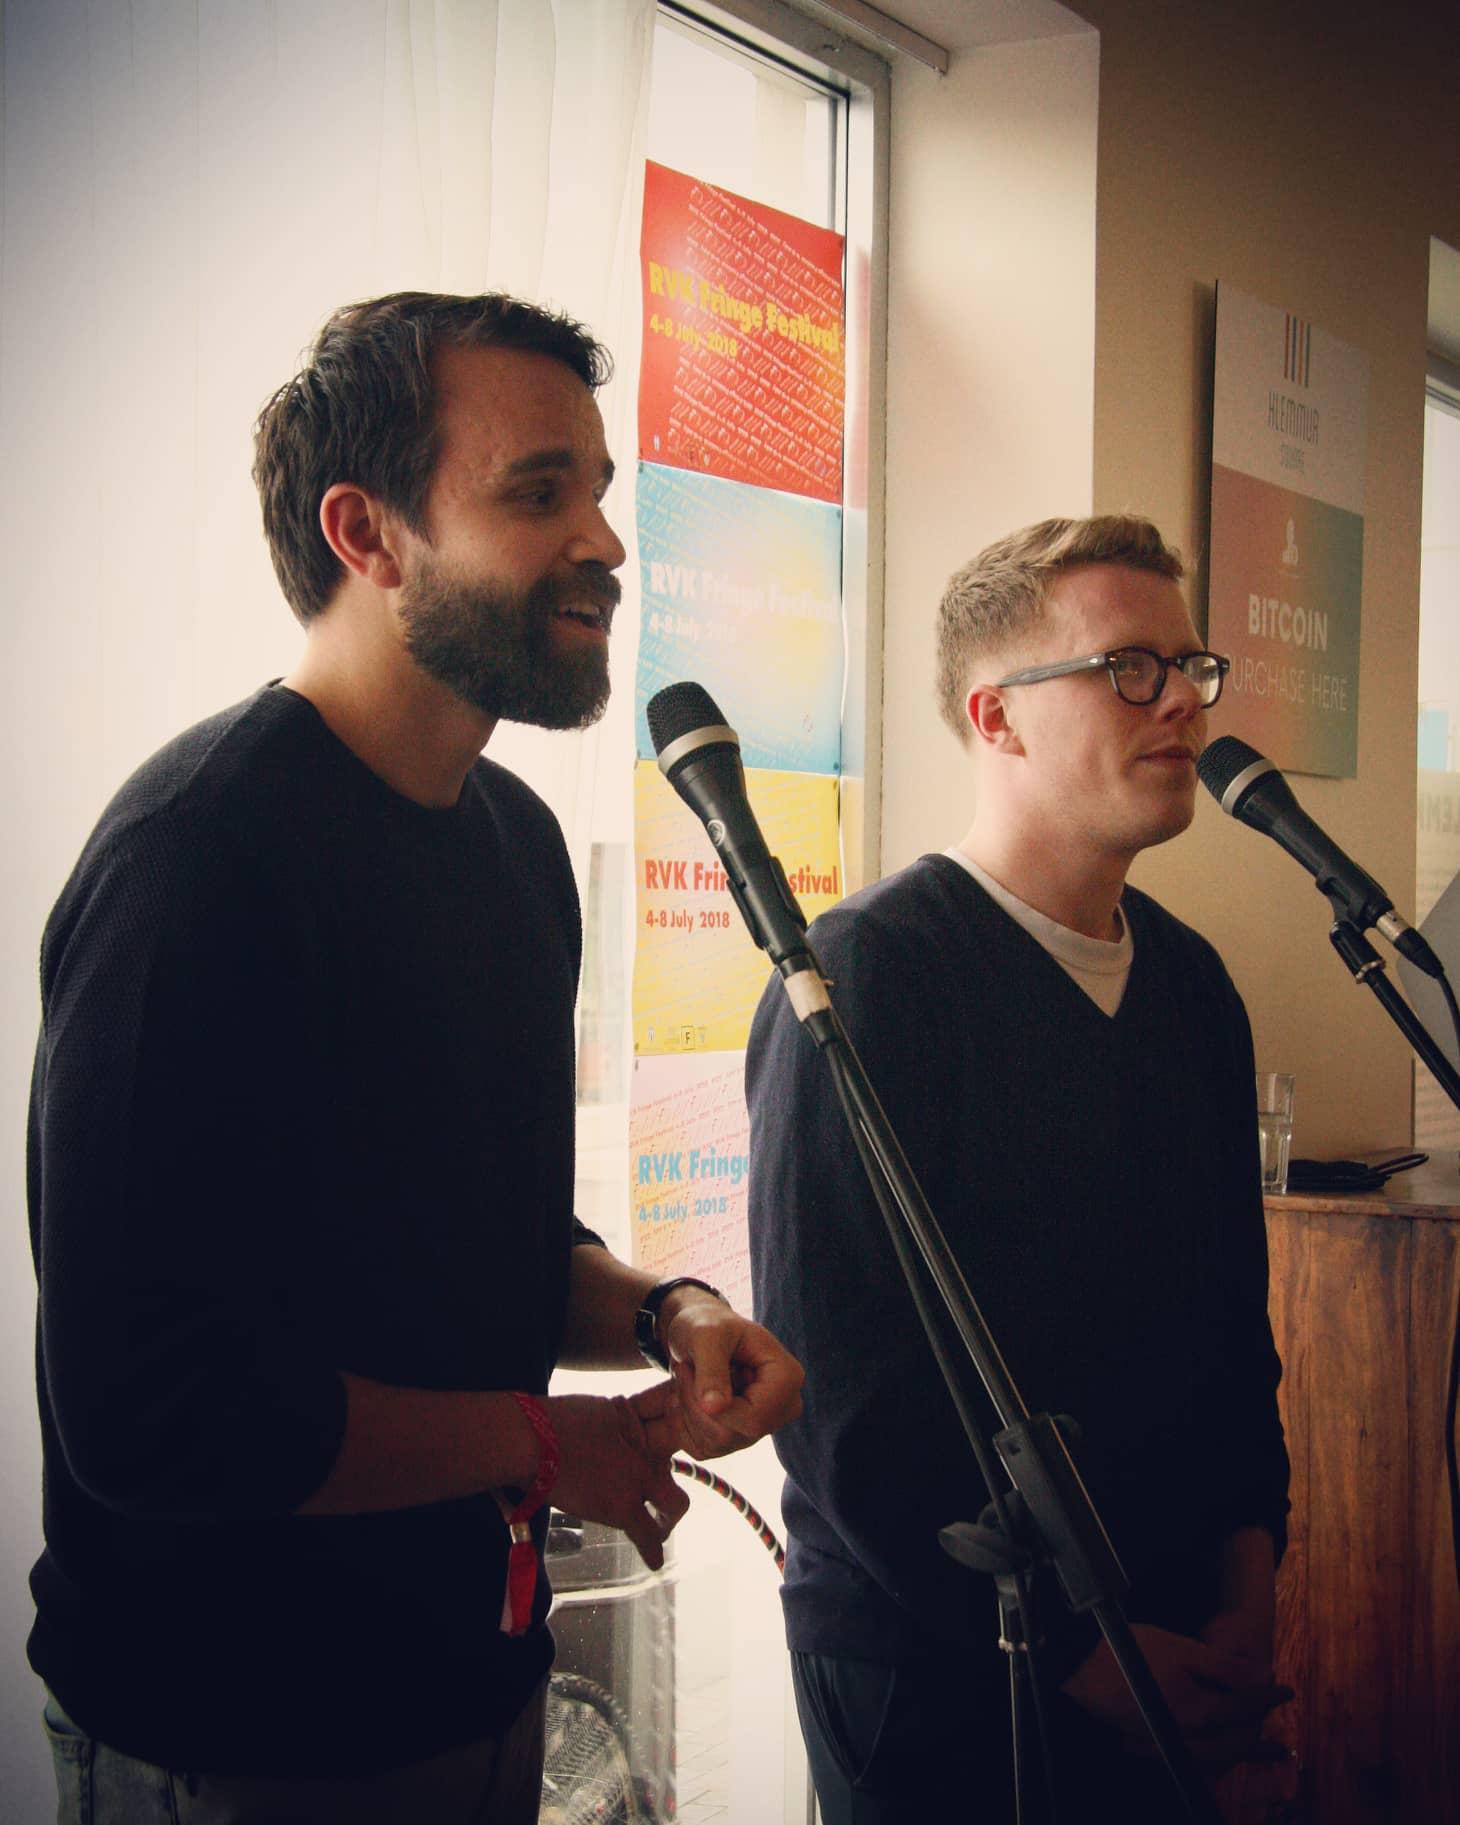 Máni Arnarsson and Ólafur Ásgeirsson from Improv Iceland. Photo by Sveinlaug Sigurðardóttir.